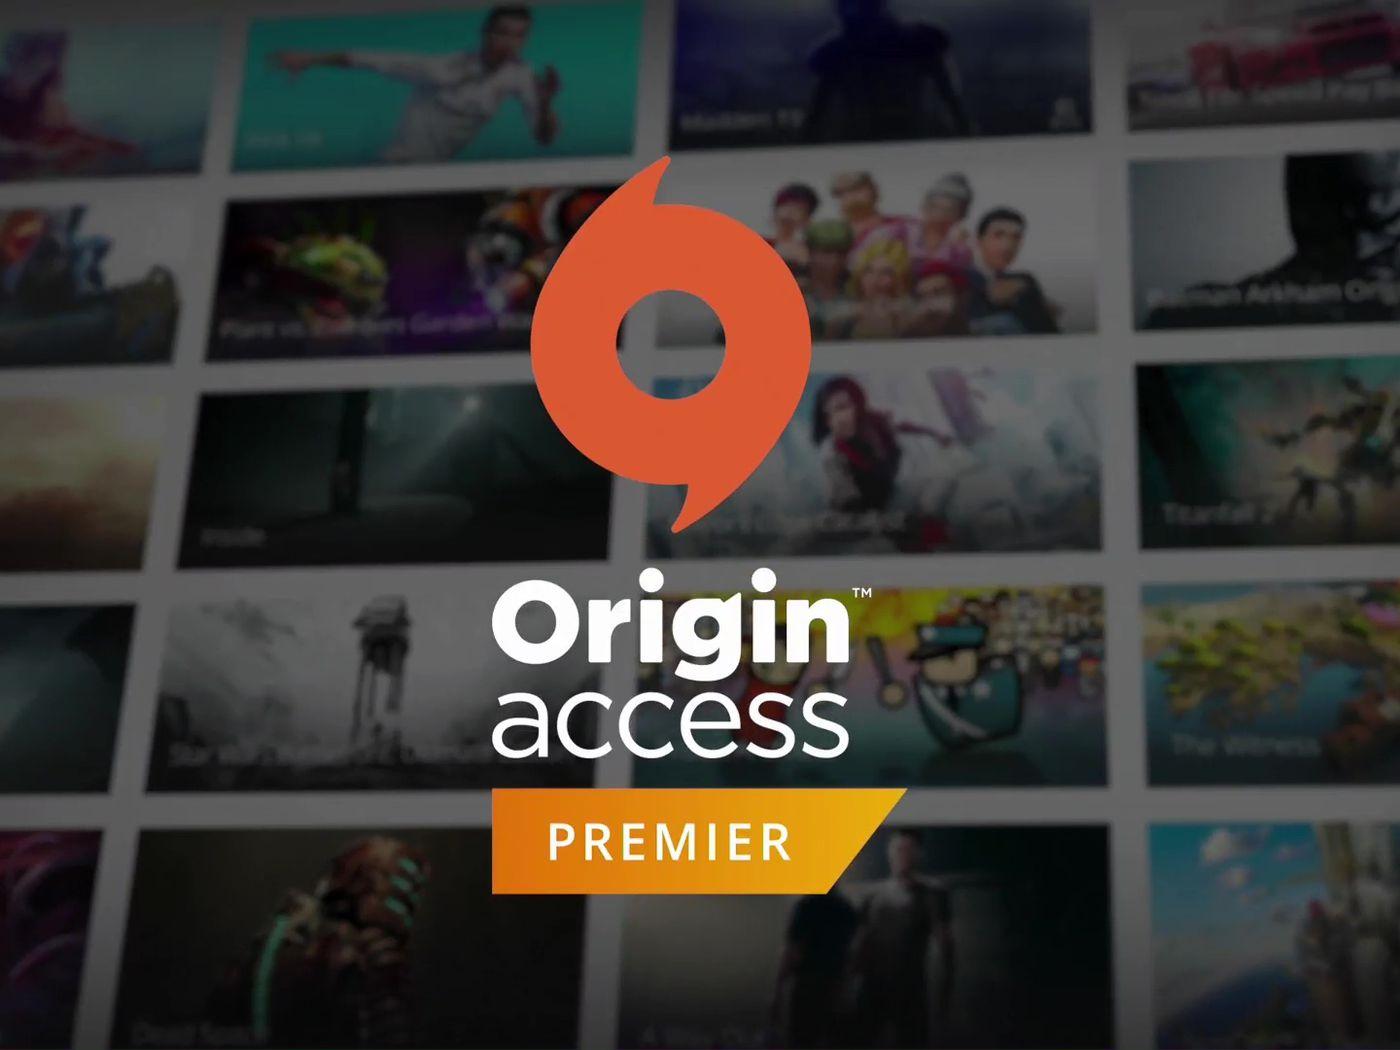 EA announces Origin Access Premier, subscription for PC